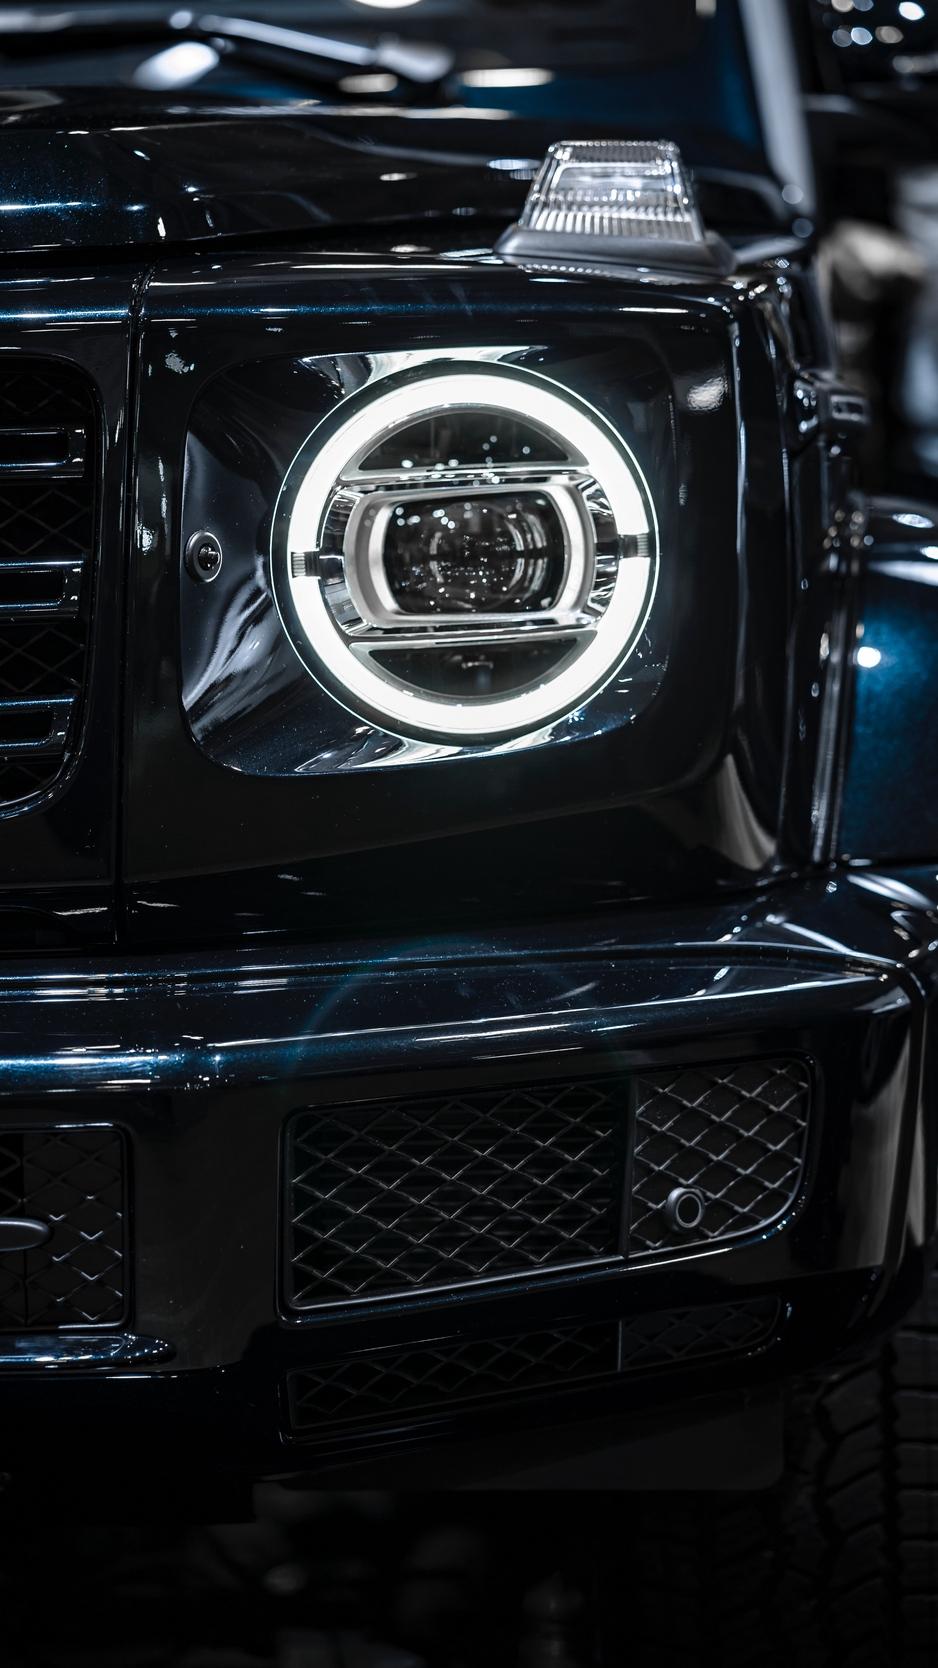 Mercedes G Wagon Wallpaper Mercedes Benz G Class Untuk 3244758 Hd Wallpaper Backgrounds Download